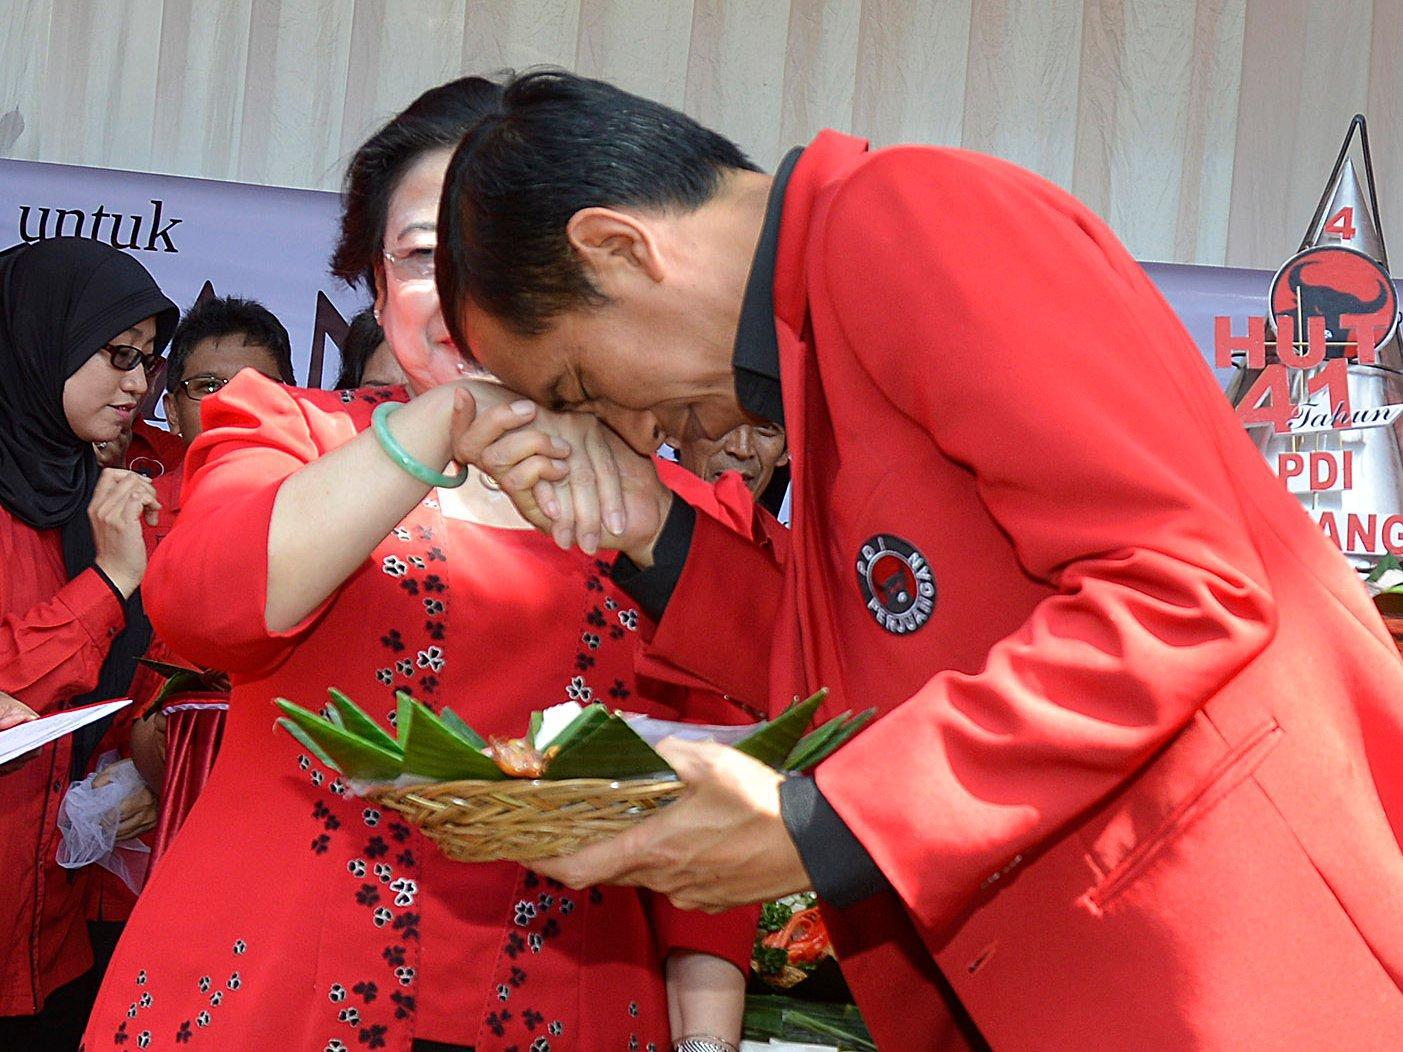 Sebut Ada Peran Jokowi Dibalik Aksi Nekat Ganjar, Rocky Gerung: Jokowi Gerah Jadi Pelayan PDIP Terus, Pengen Gantian Jadi Bos!